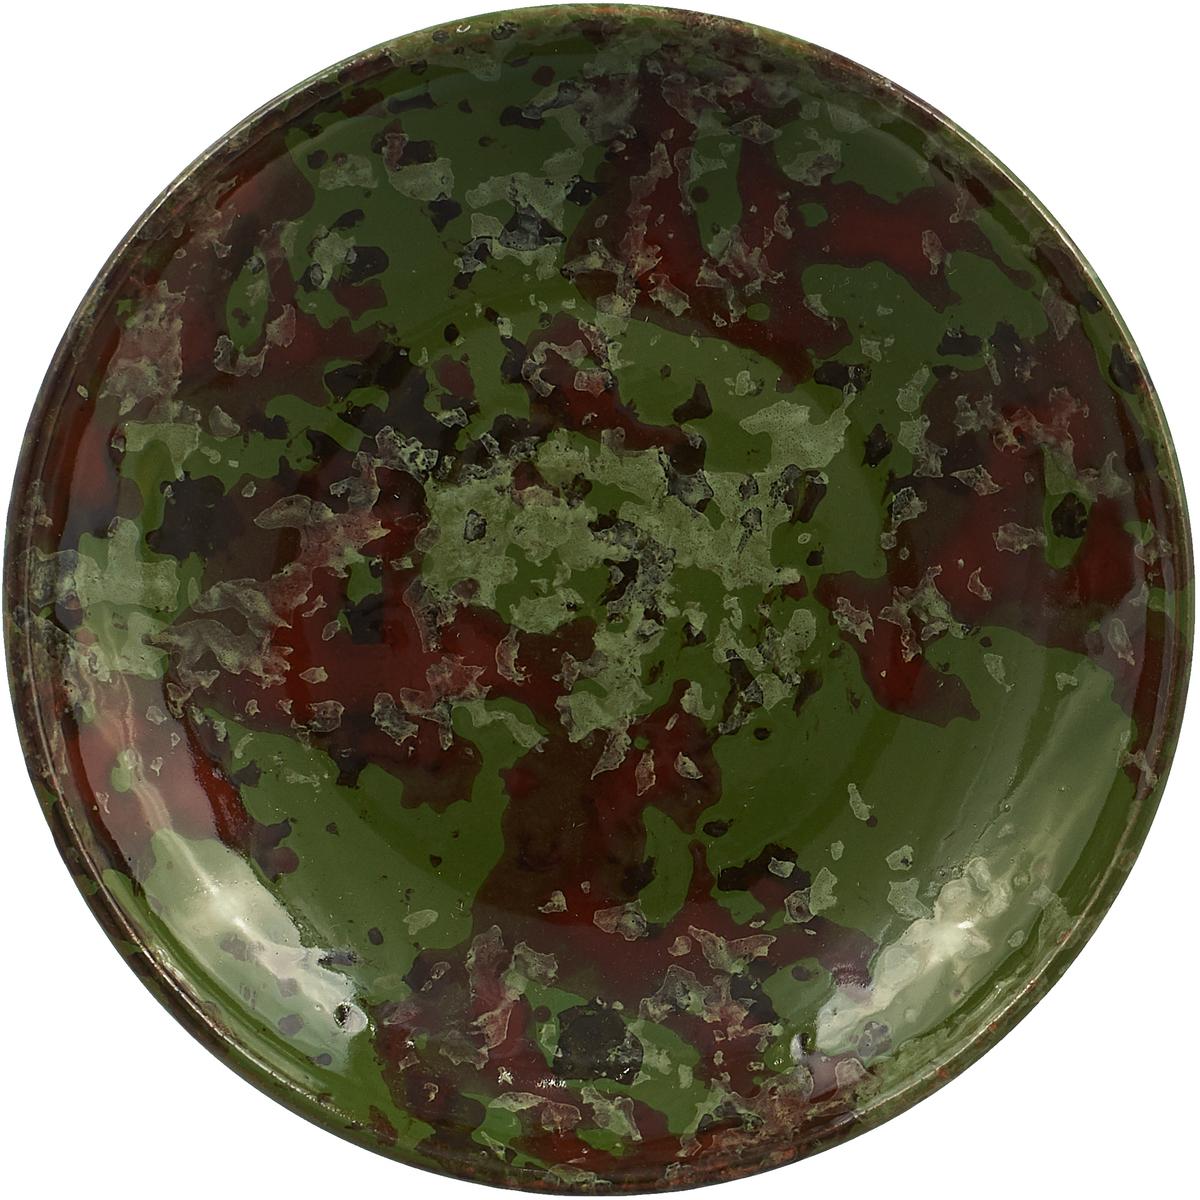 Фото - Блюдце Борисовская керамика Радуга, цвет: хаки, диаметр 10 см блюдце борисовская керамика радуга цвет темно серый диаметр 10 см